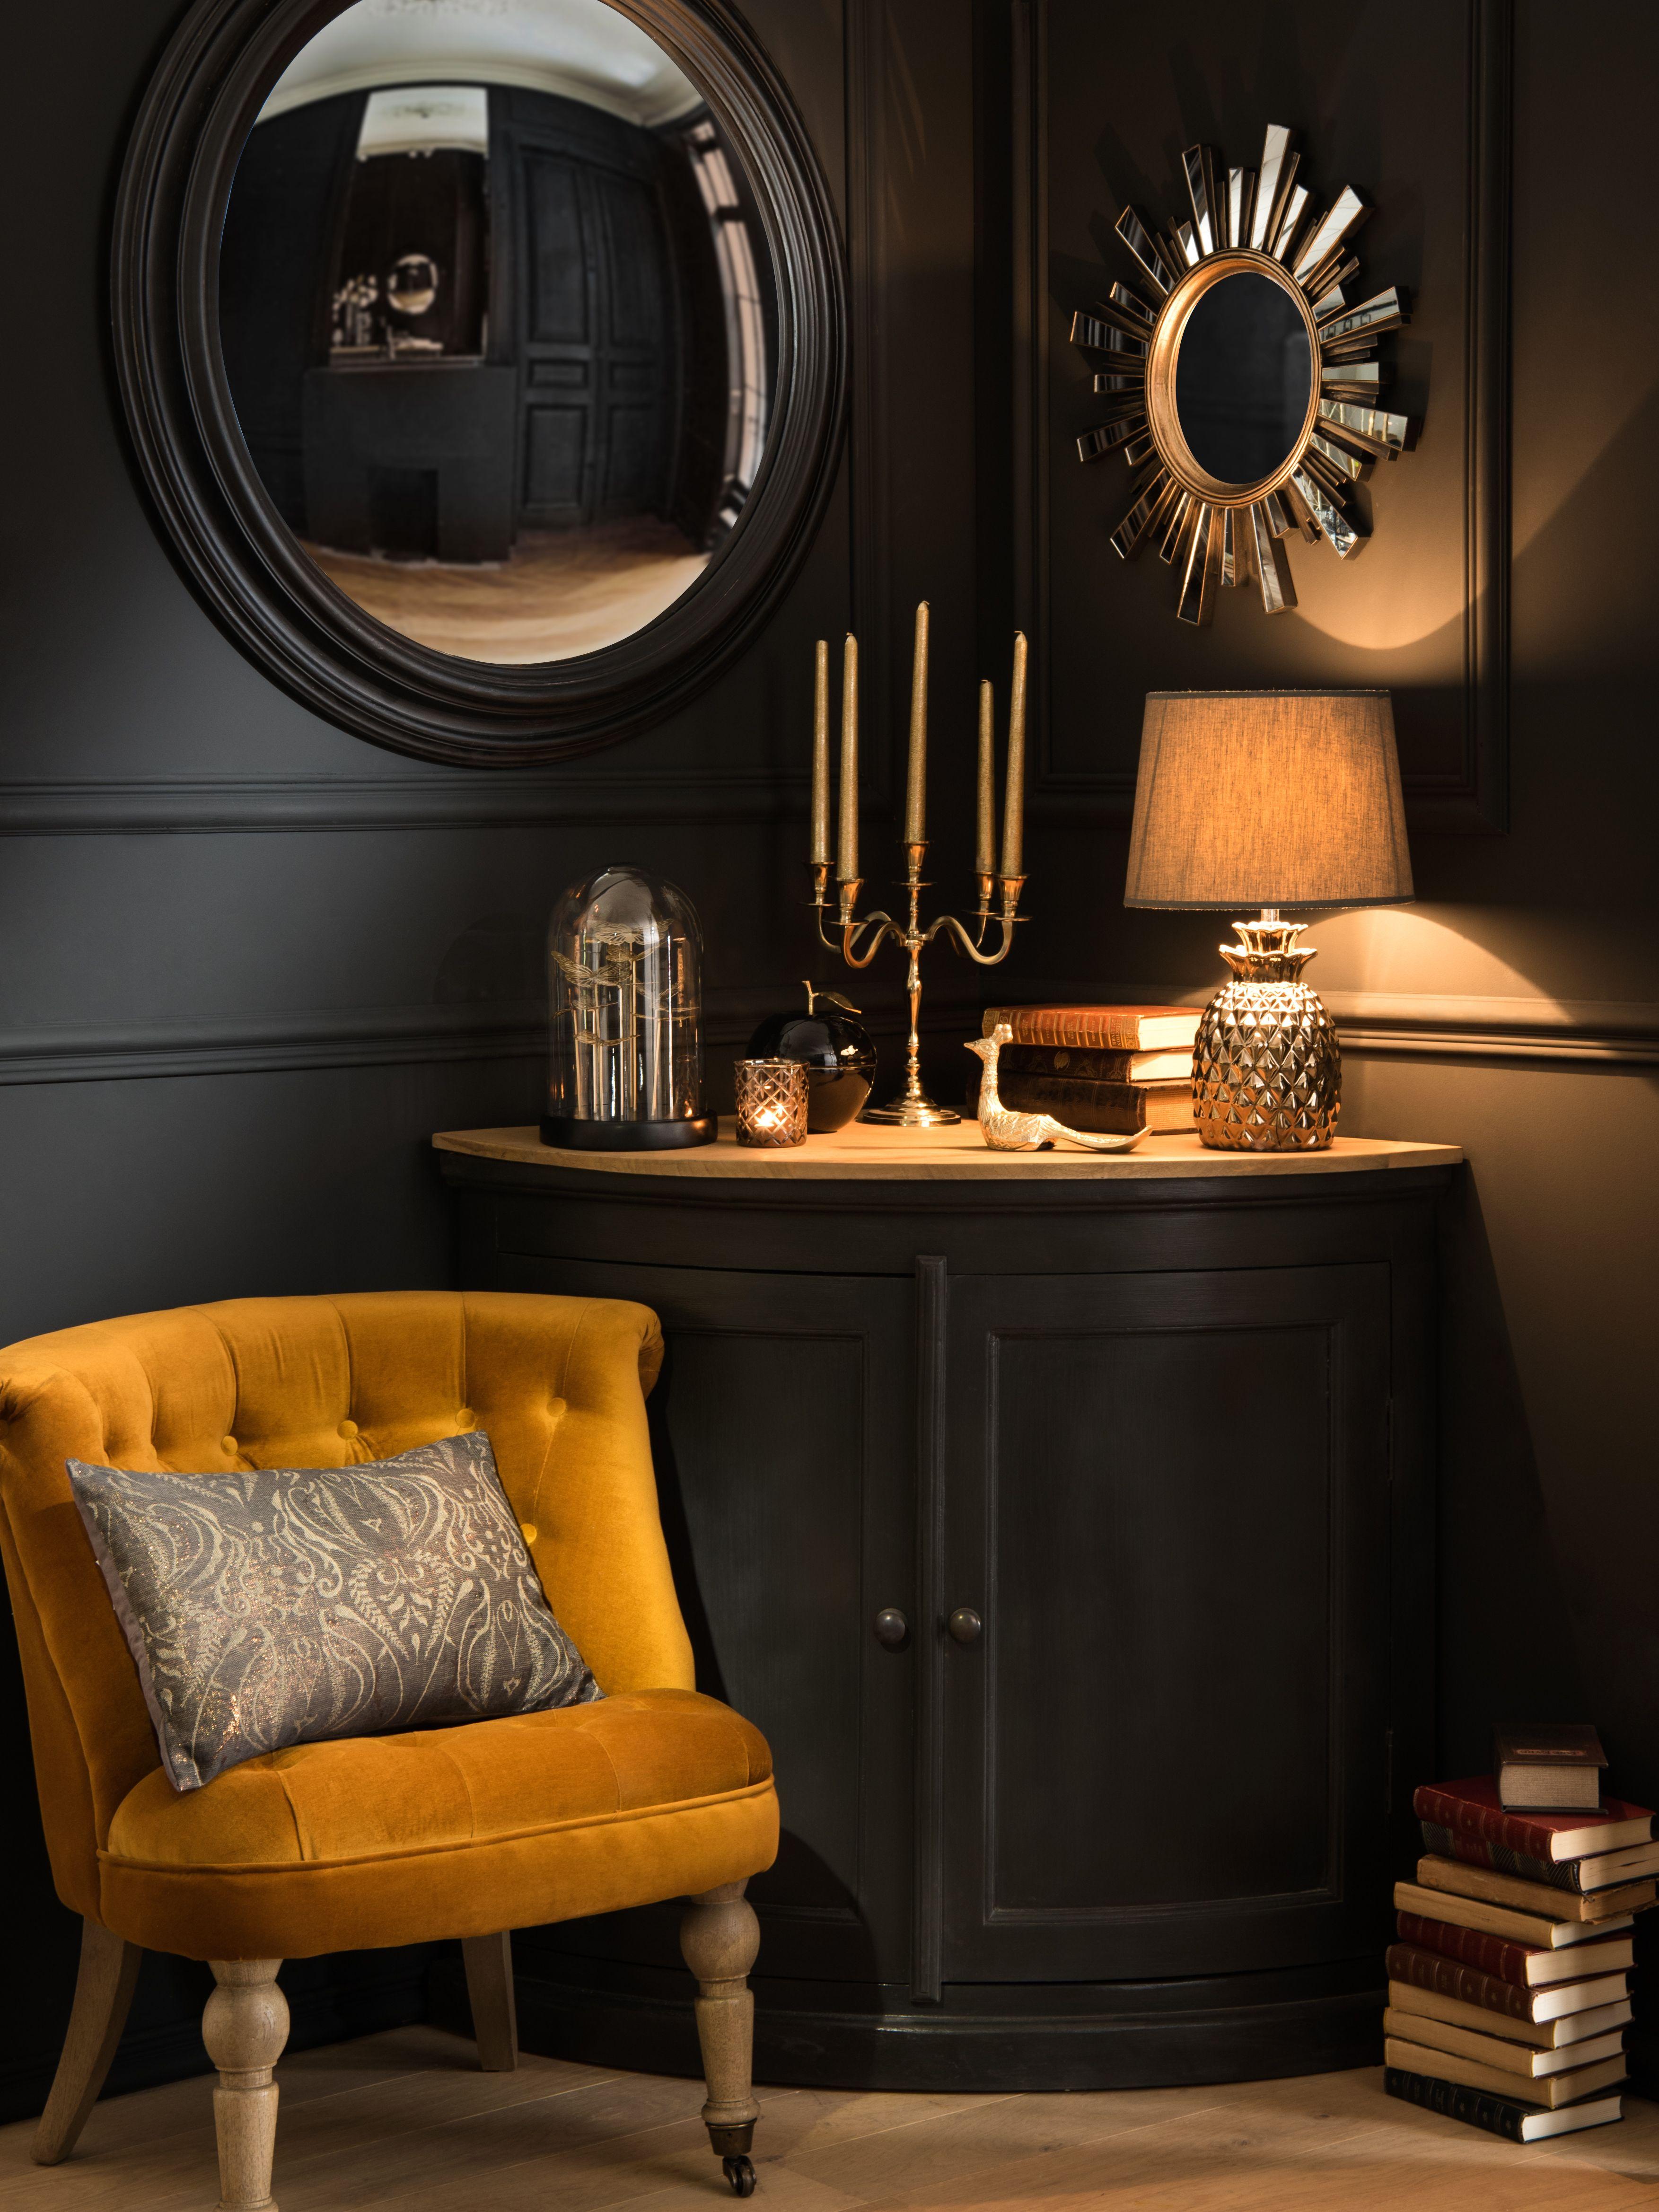 Barque Decor Living Room: Home Decor、Baroque Decor